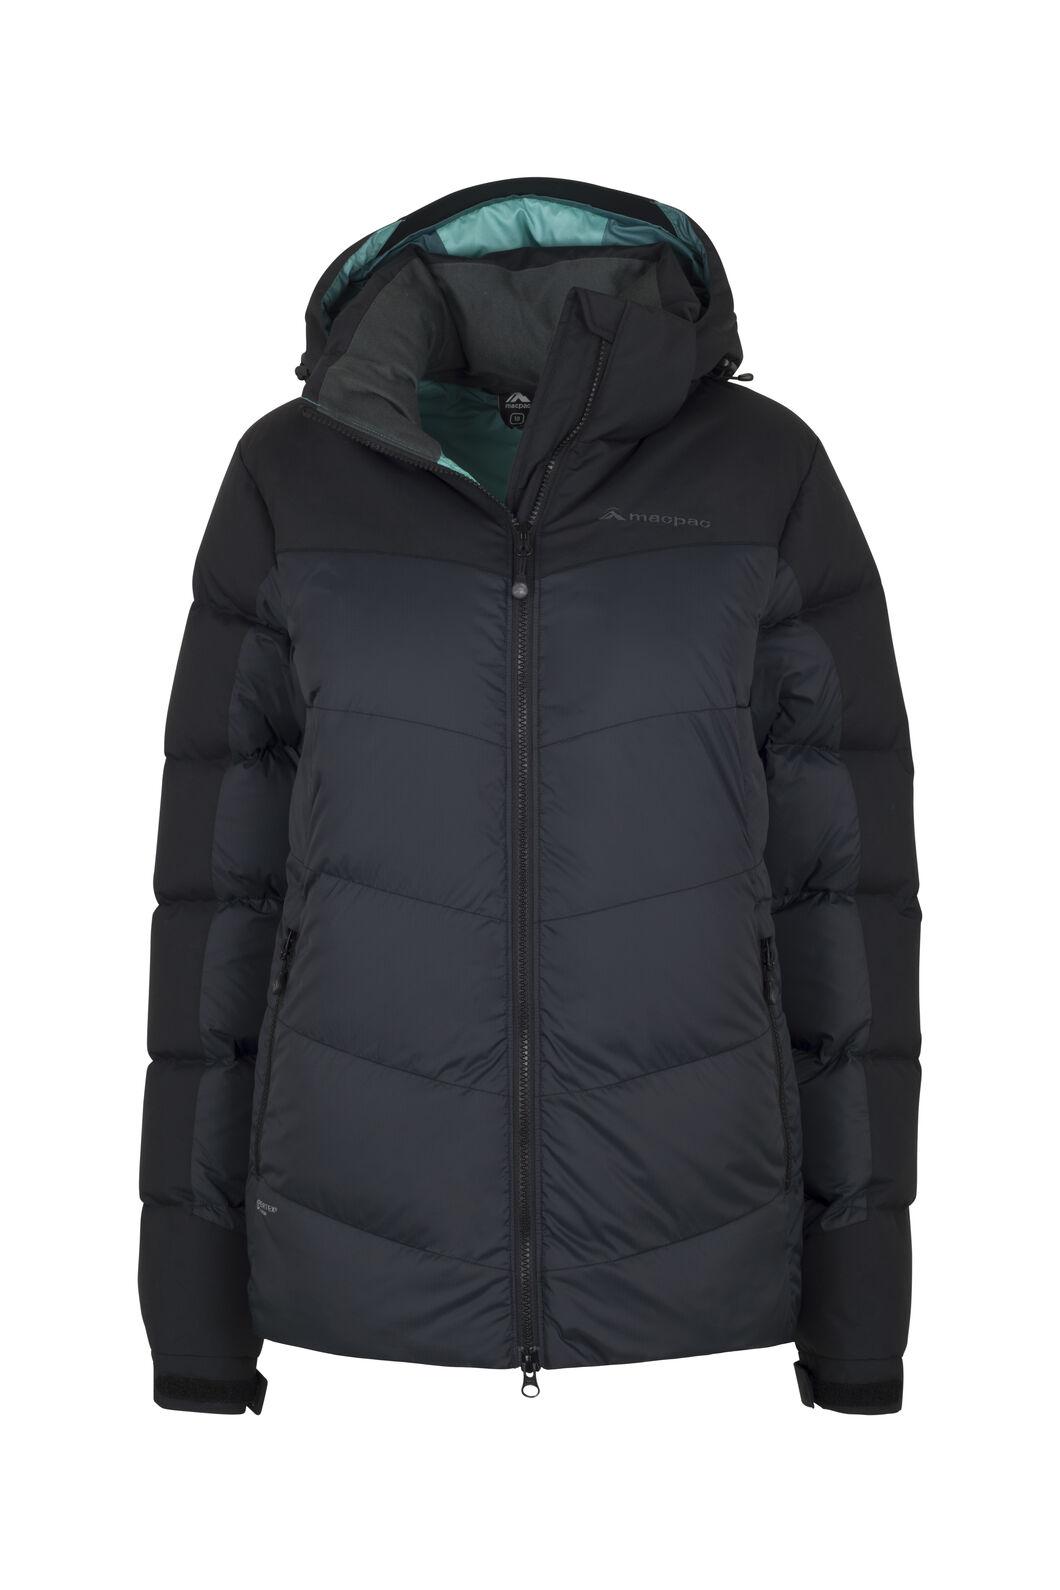 Macpac Ember HyperDRY™ Down Jacket — Women's, Black, hi-res